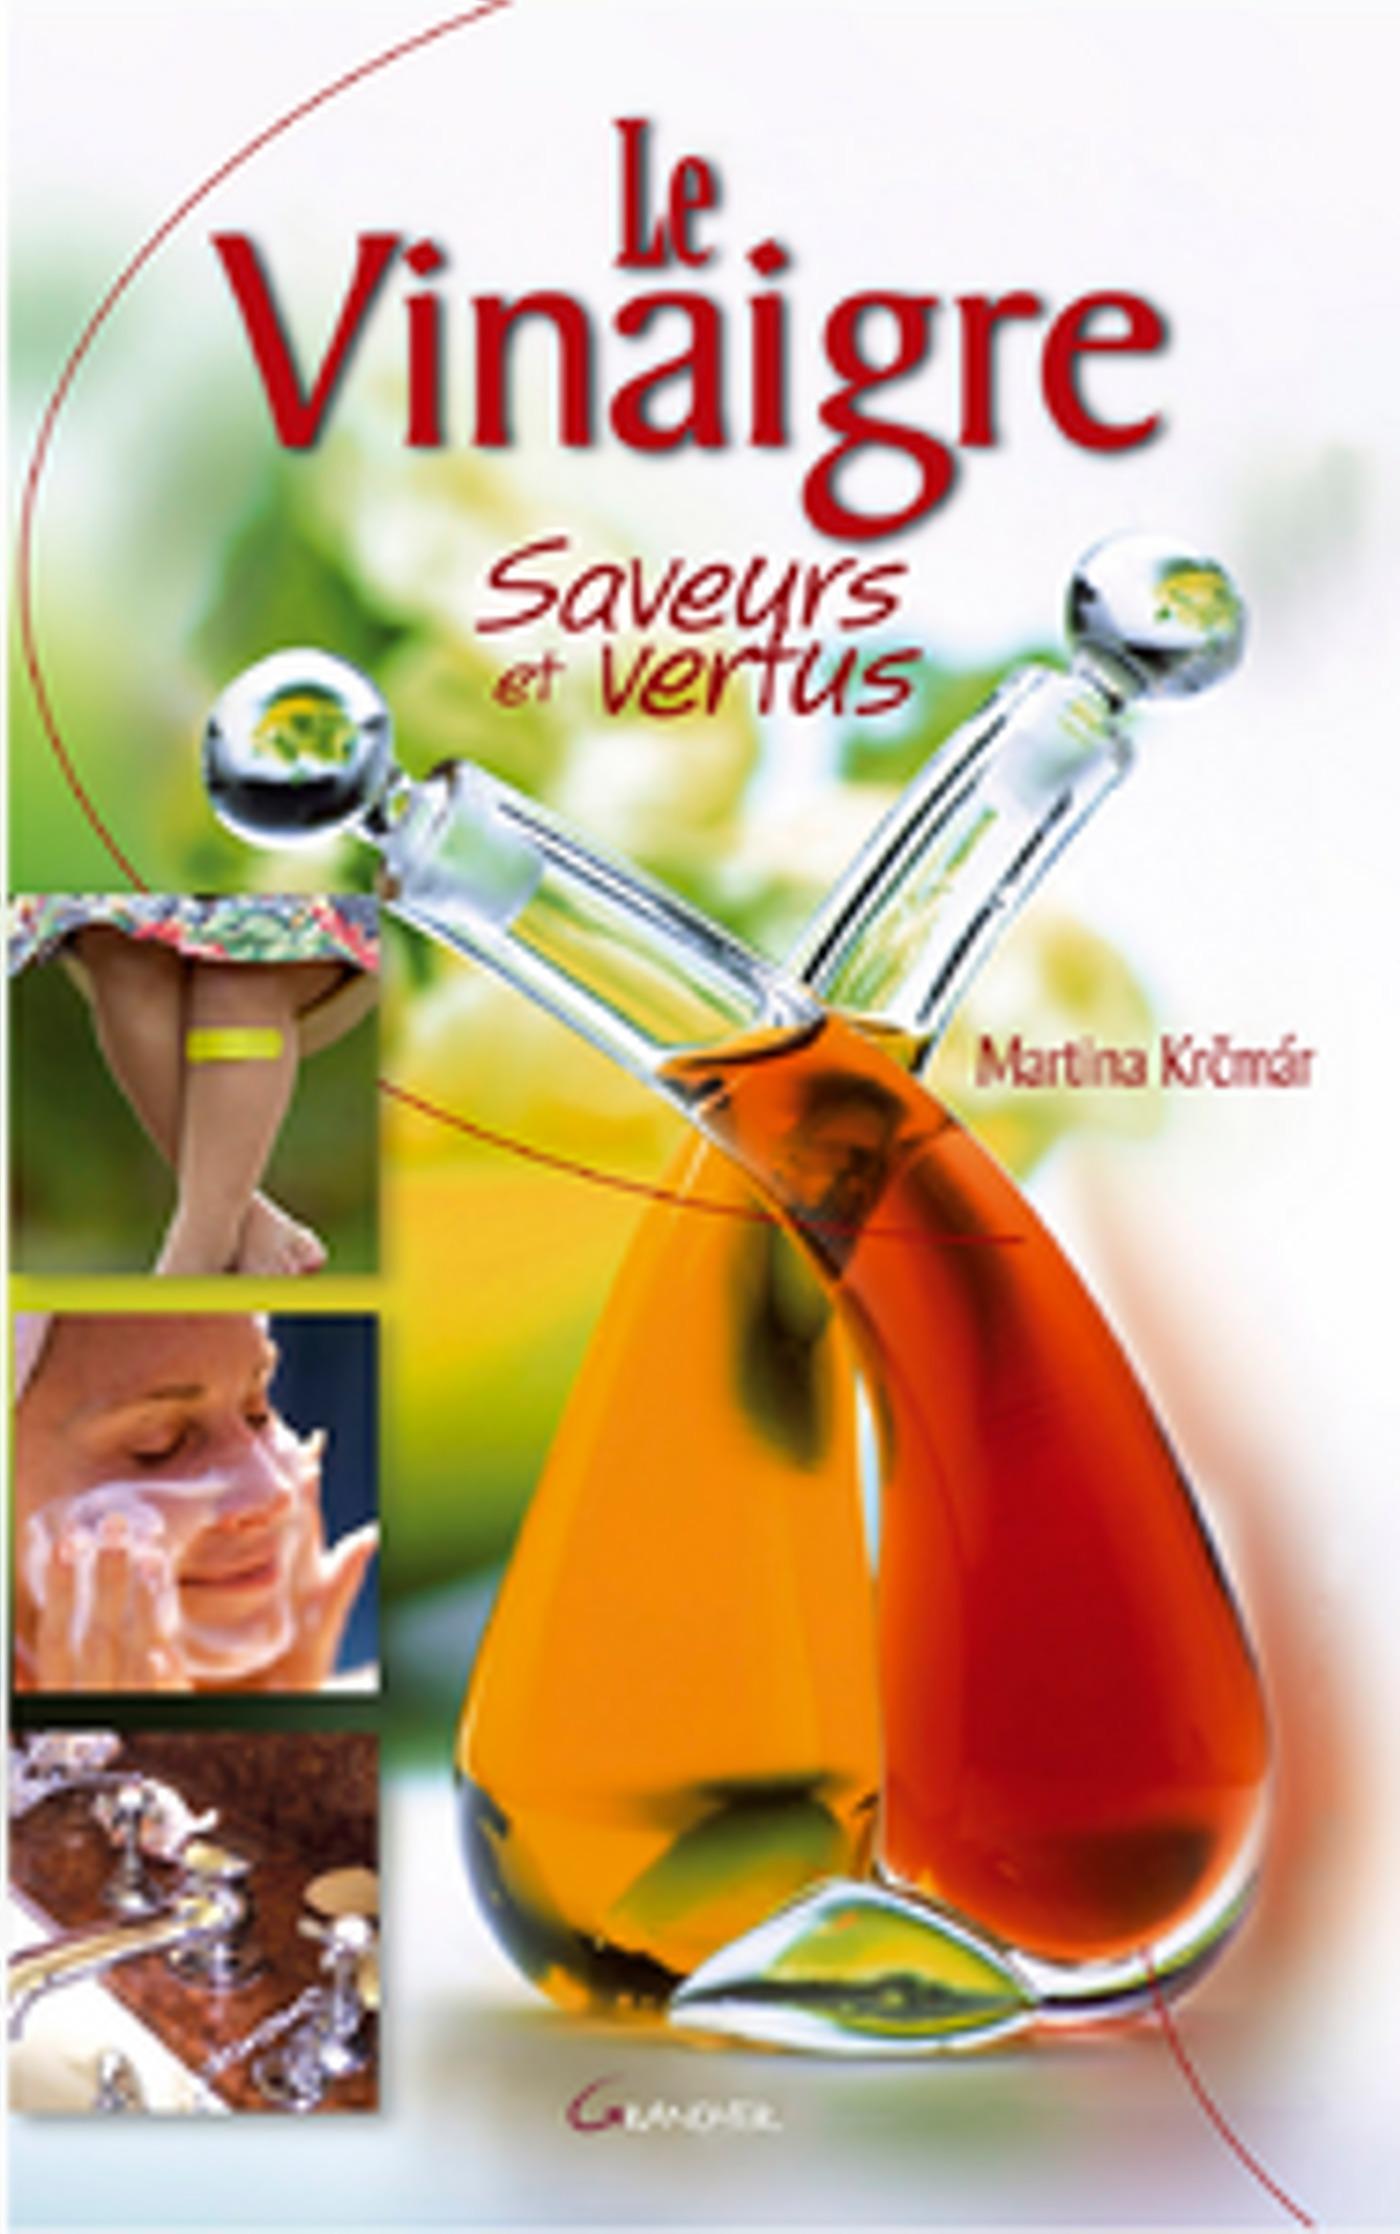 Le vinaigre, saveurs et vertus